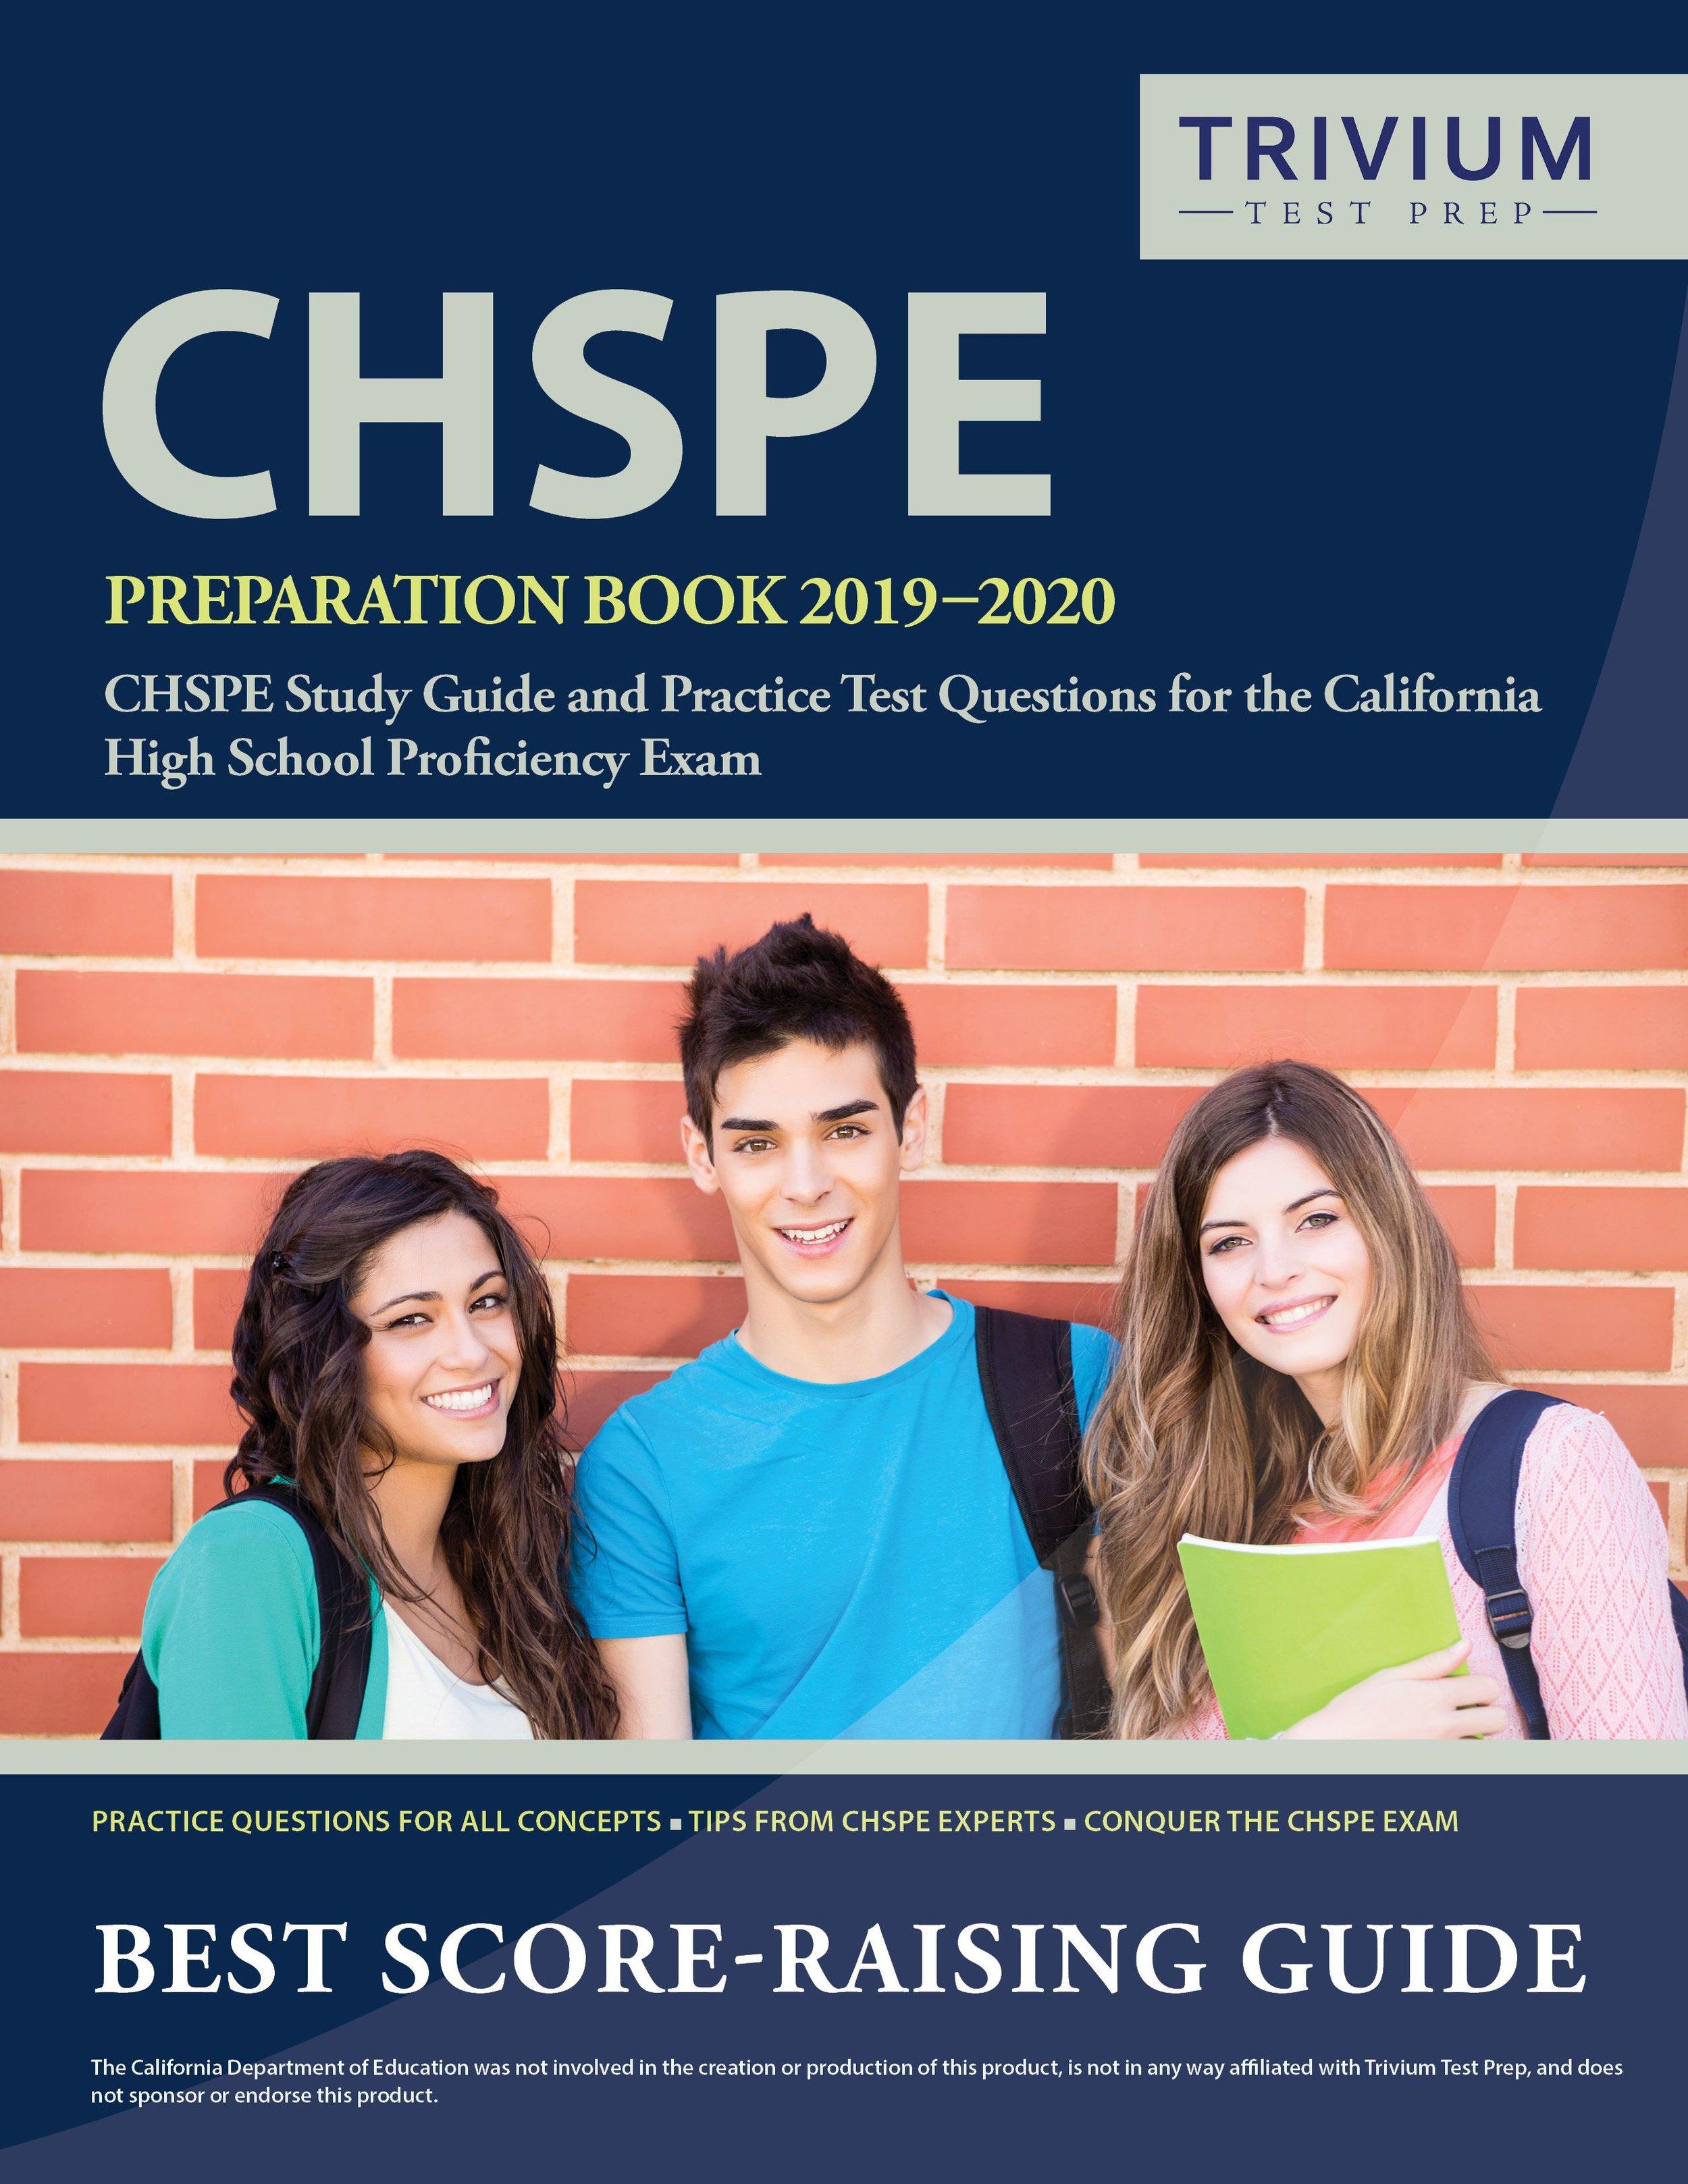 CHSPE Preparation Book 2019 – 2020